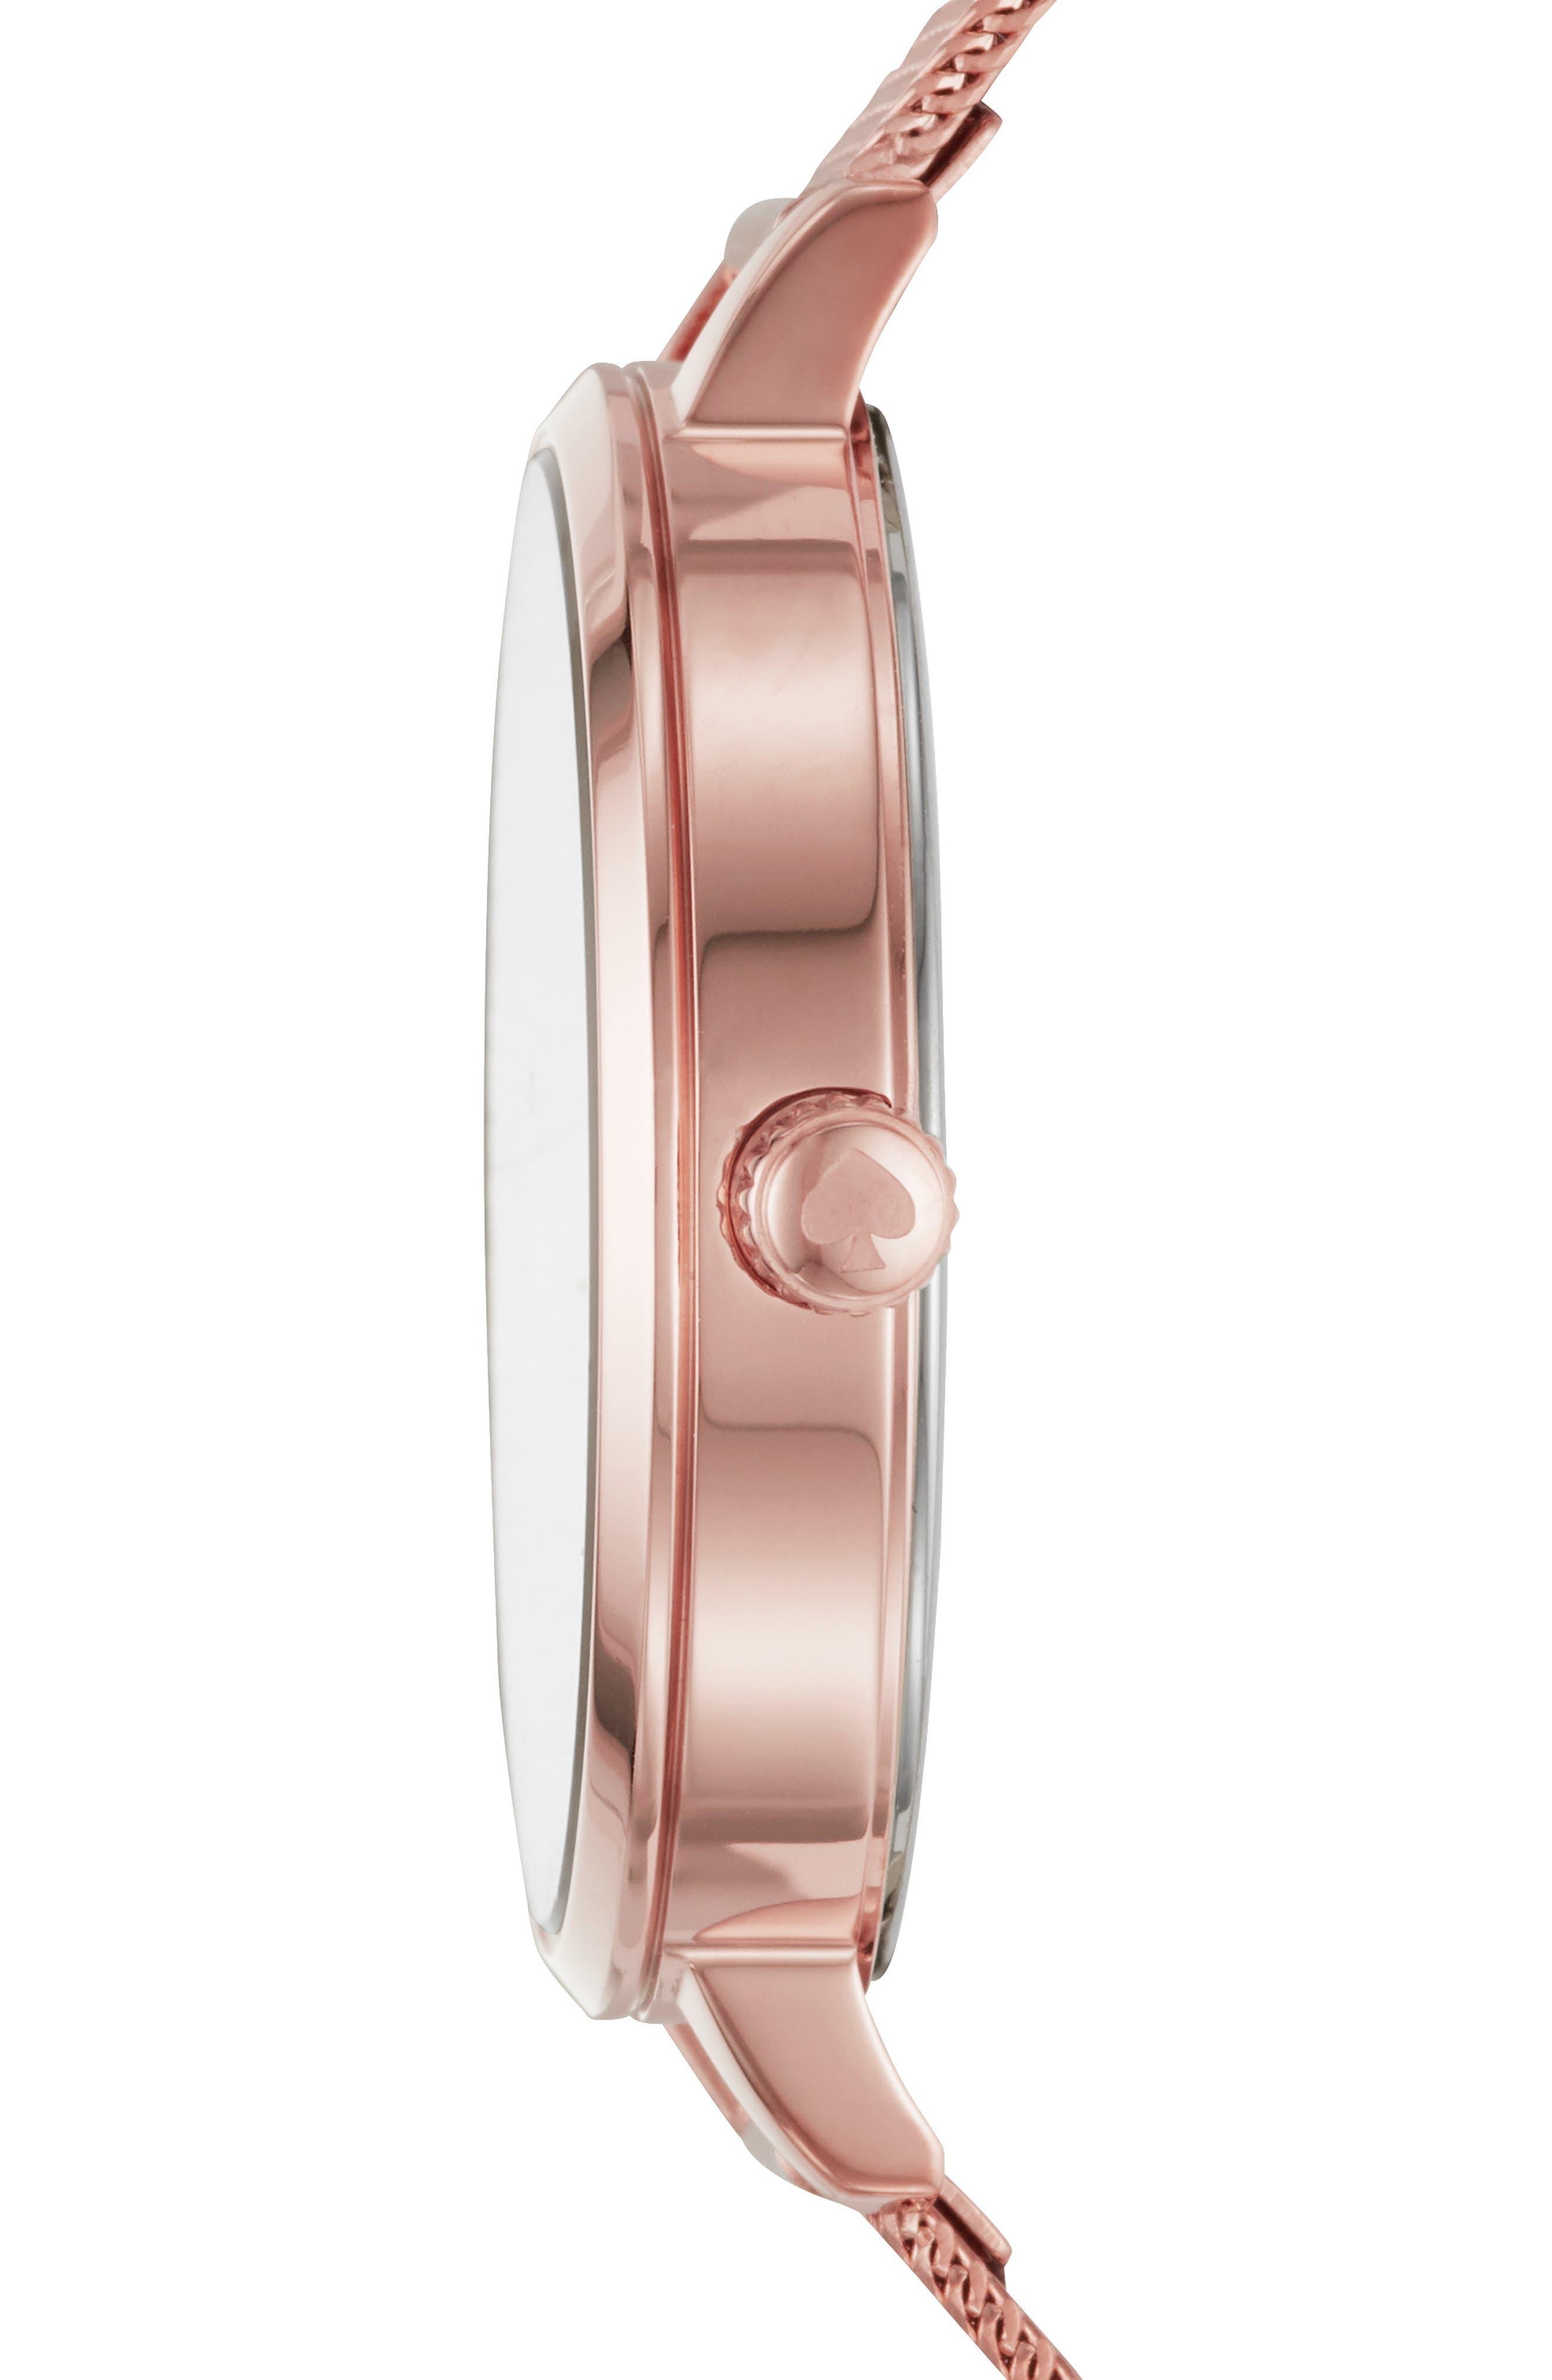 KATE SPADE NEW YORK,                             metro mesh bracelet watch, 34mm,                             Alternate thumbnail 2, color,                             ROSE GOLD/ MOP/ ROSE GOLD